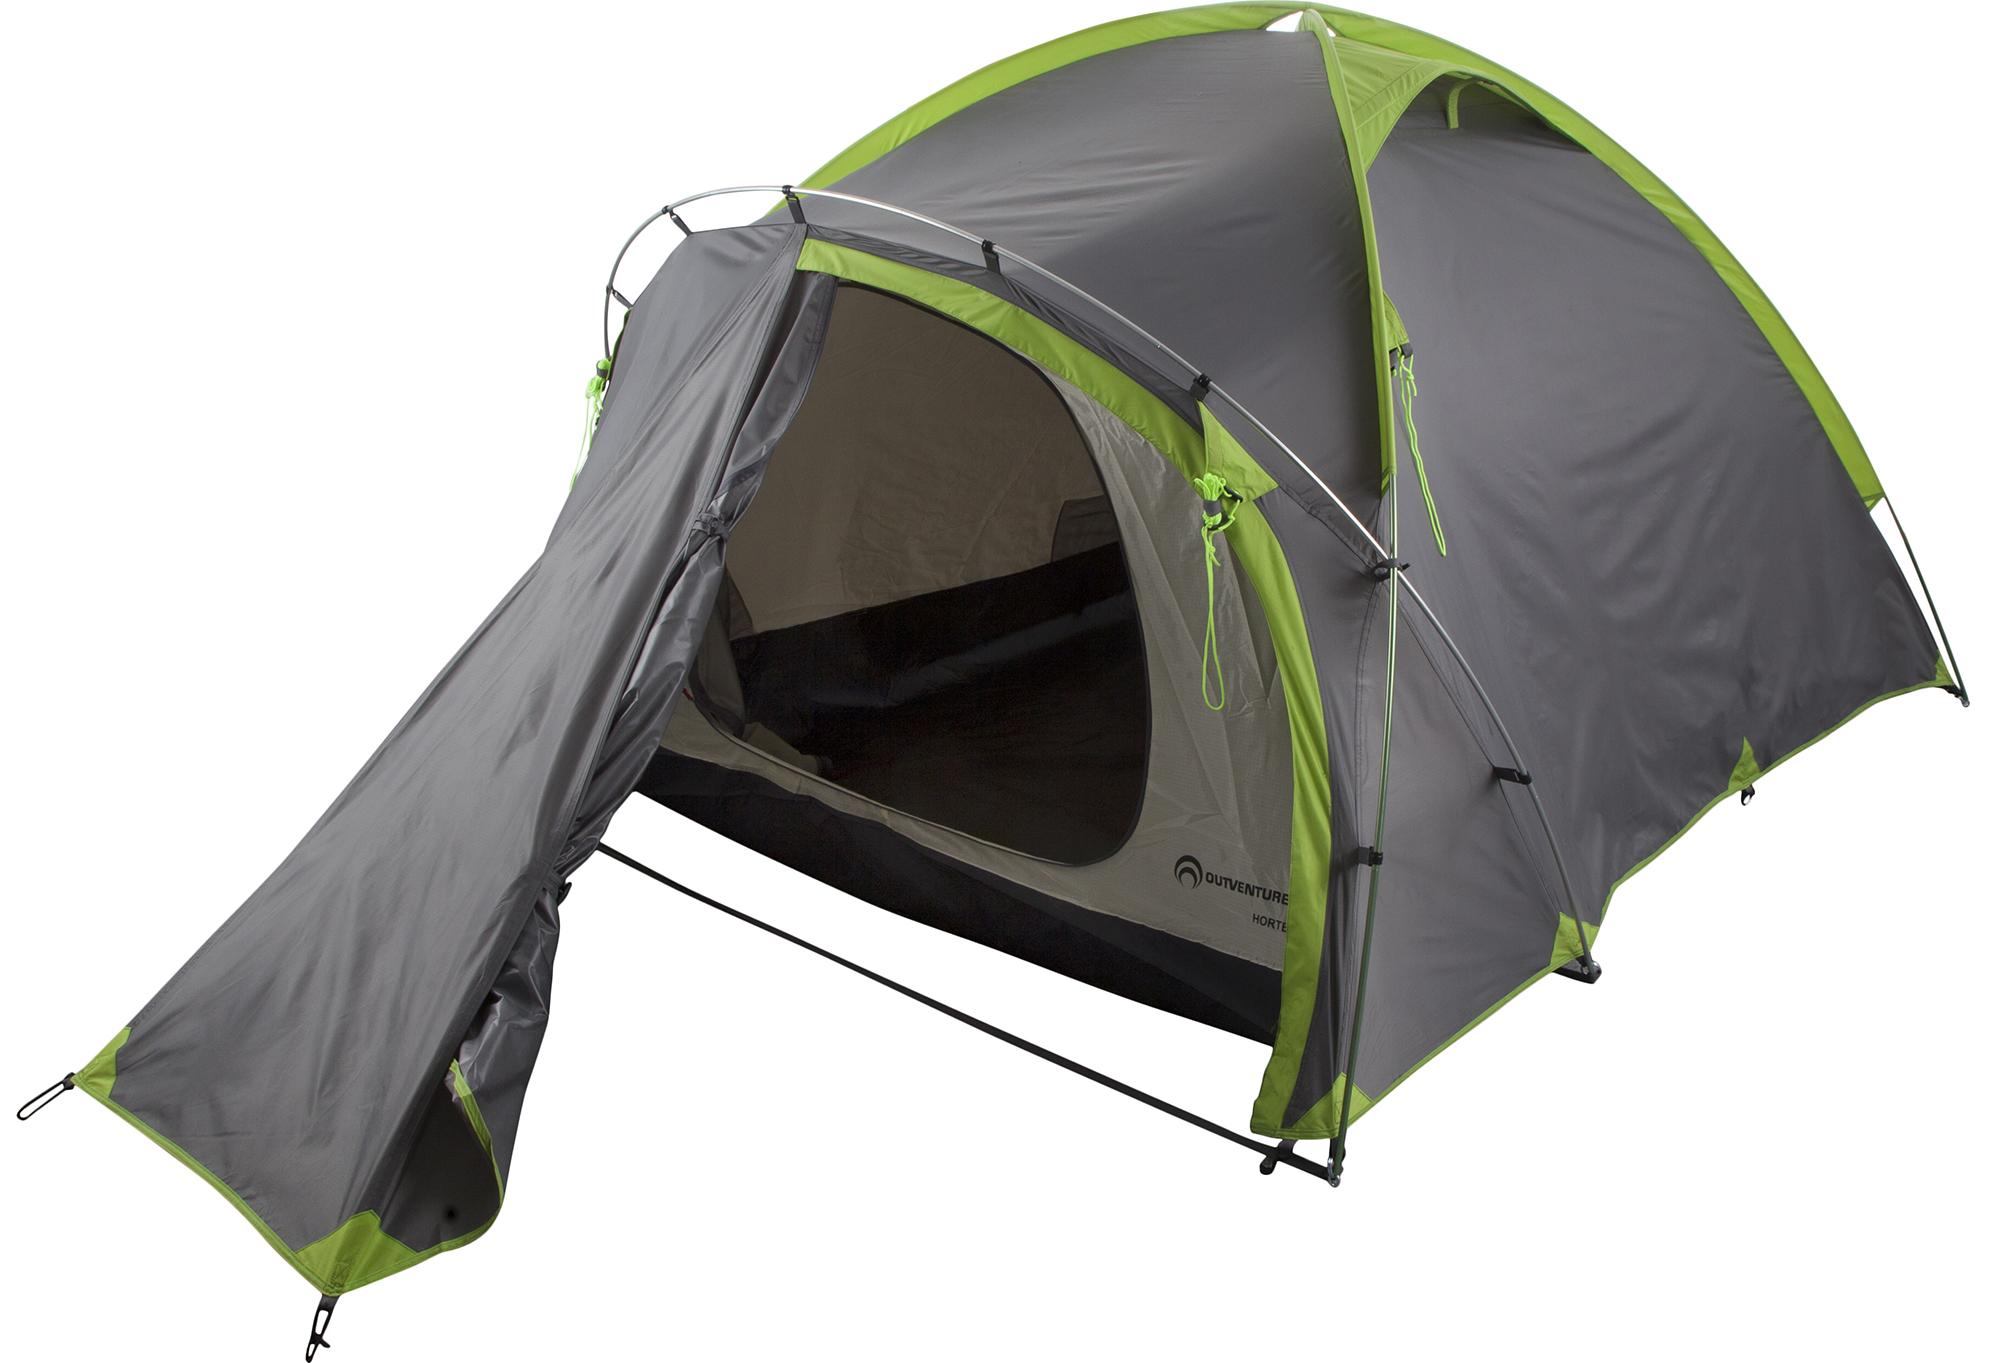 Outventure Horten 3 палатка быстросборная maverick wind трехместная зелёный с тиснением